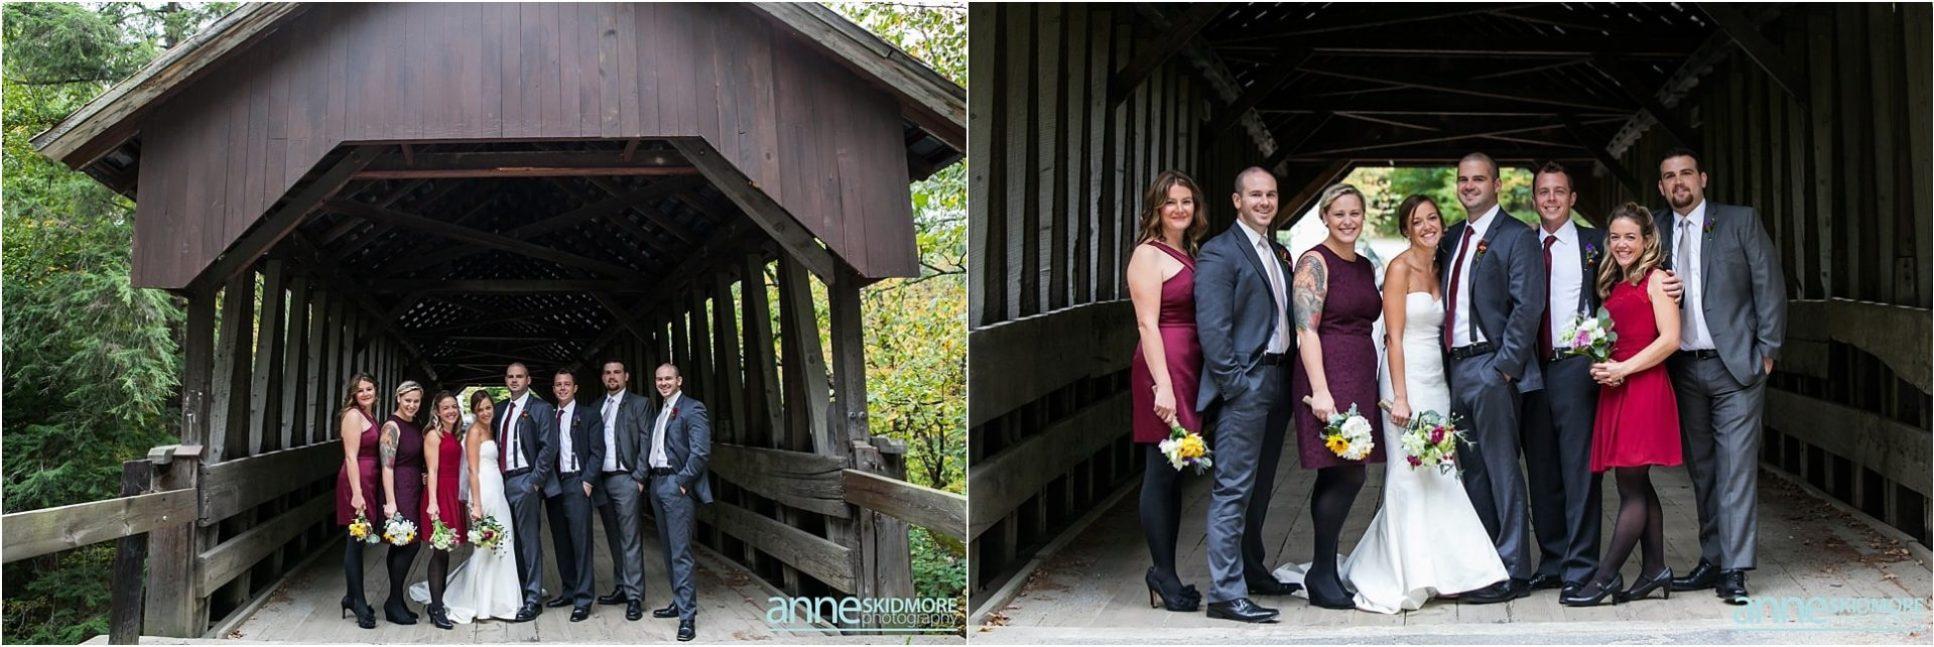 Claremont_NewHampshire_Wedding__023